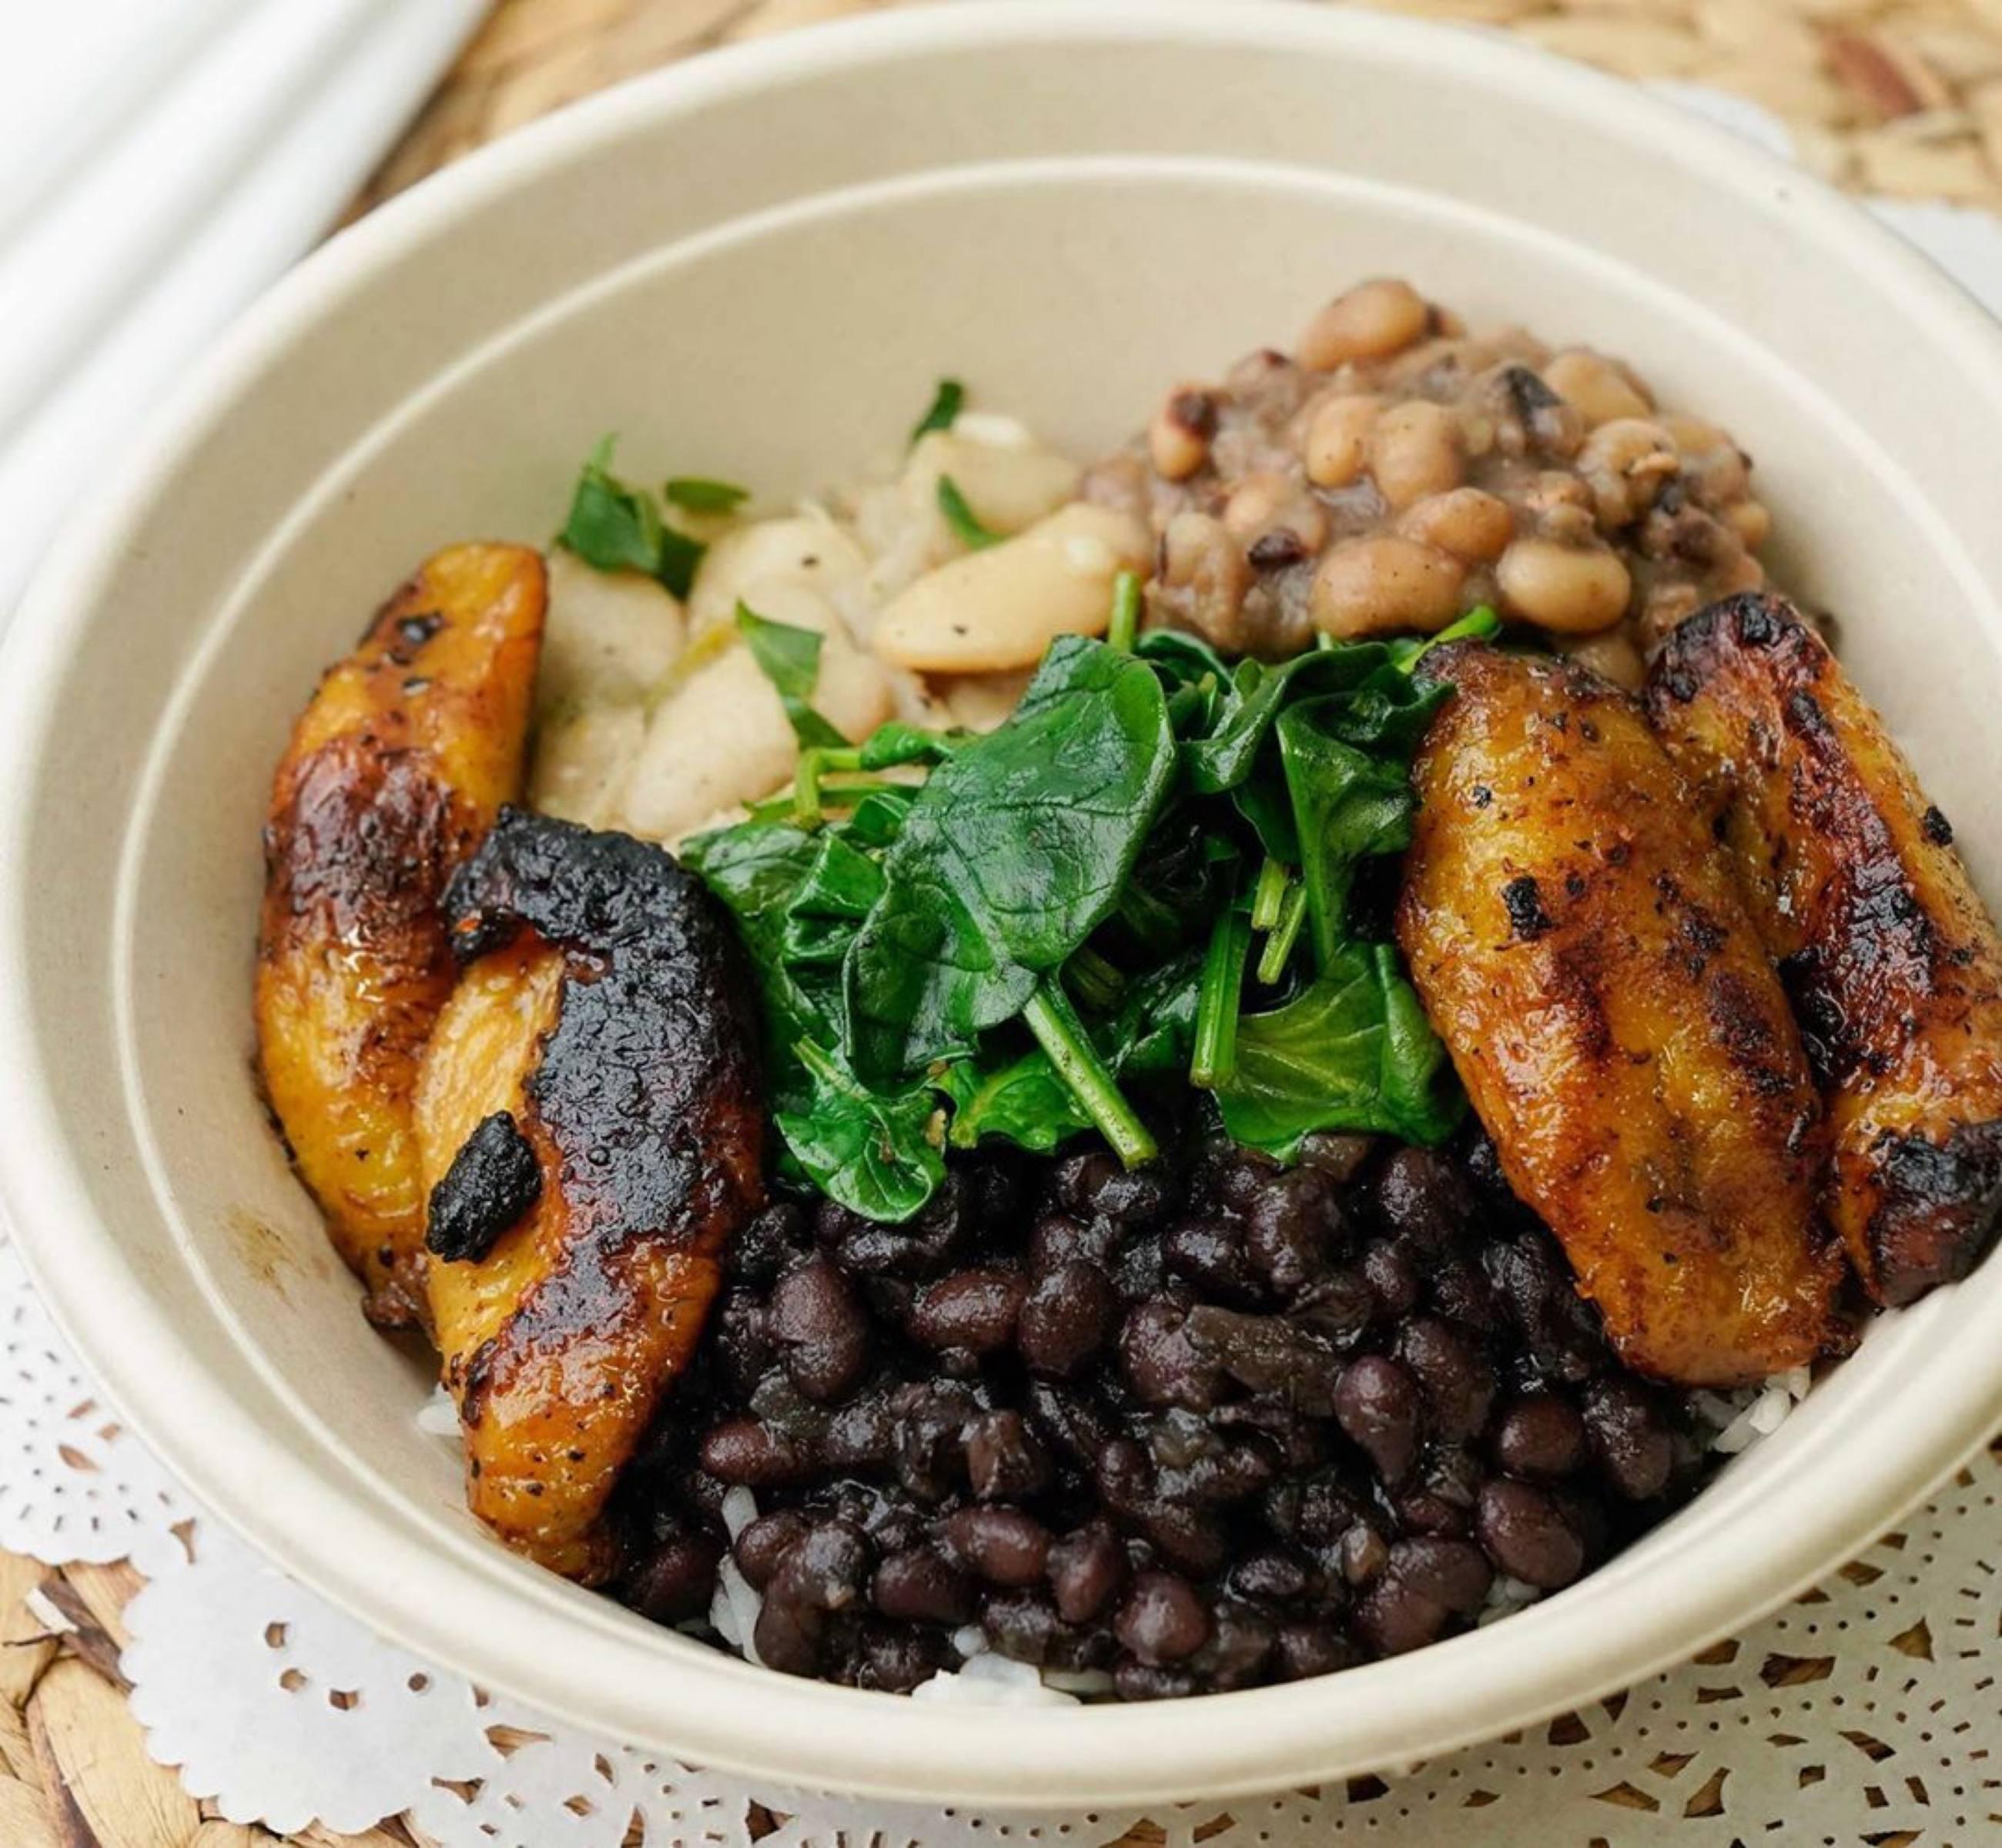 Bean Bowl at Jackfruit Cafe in West LA